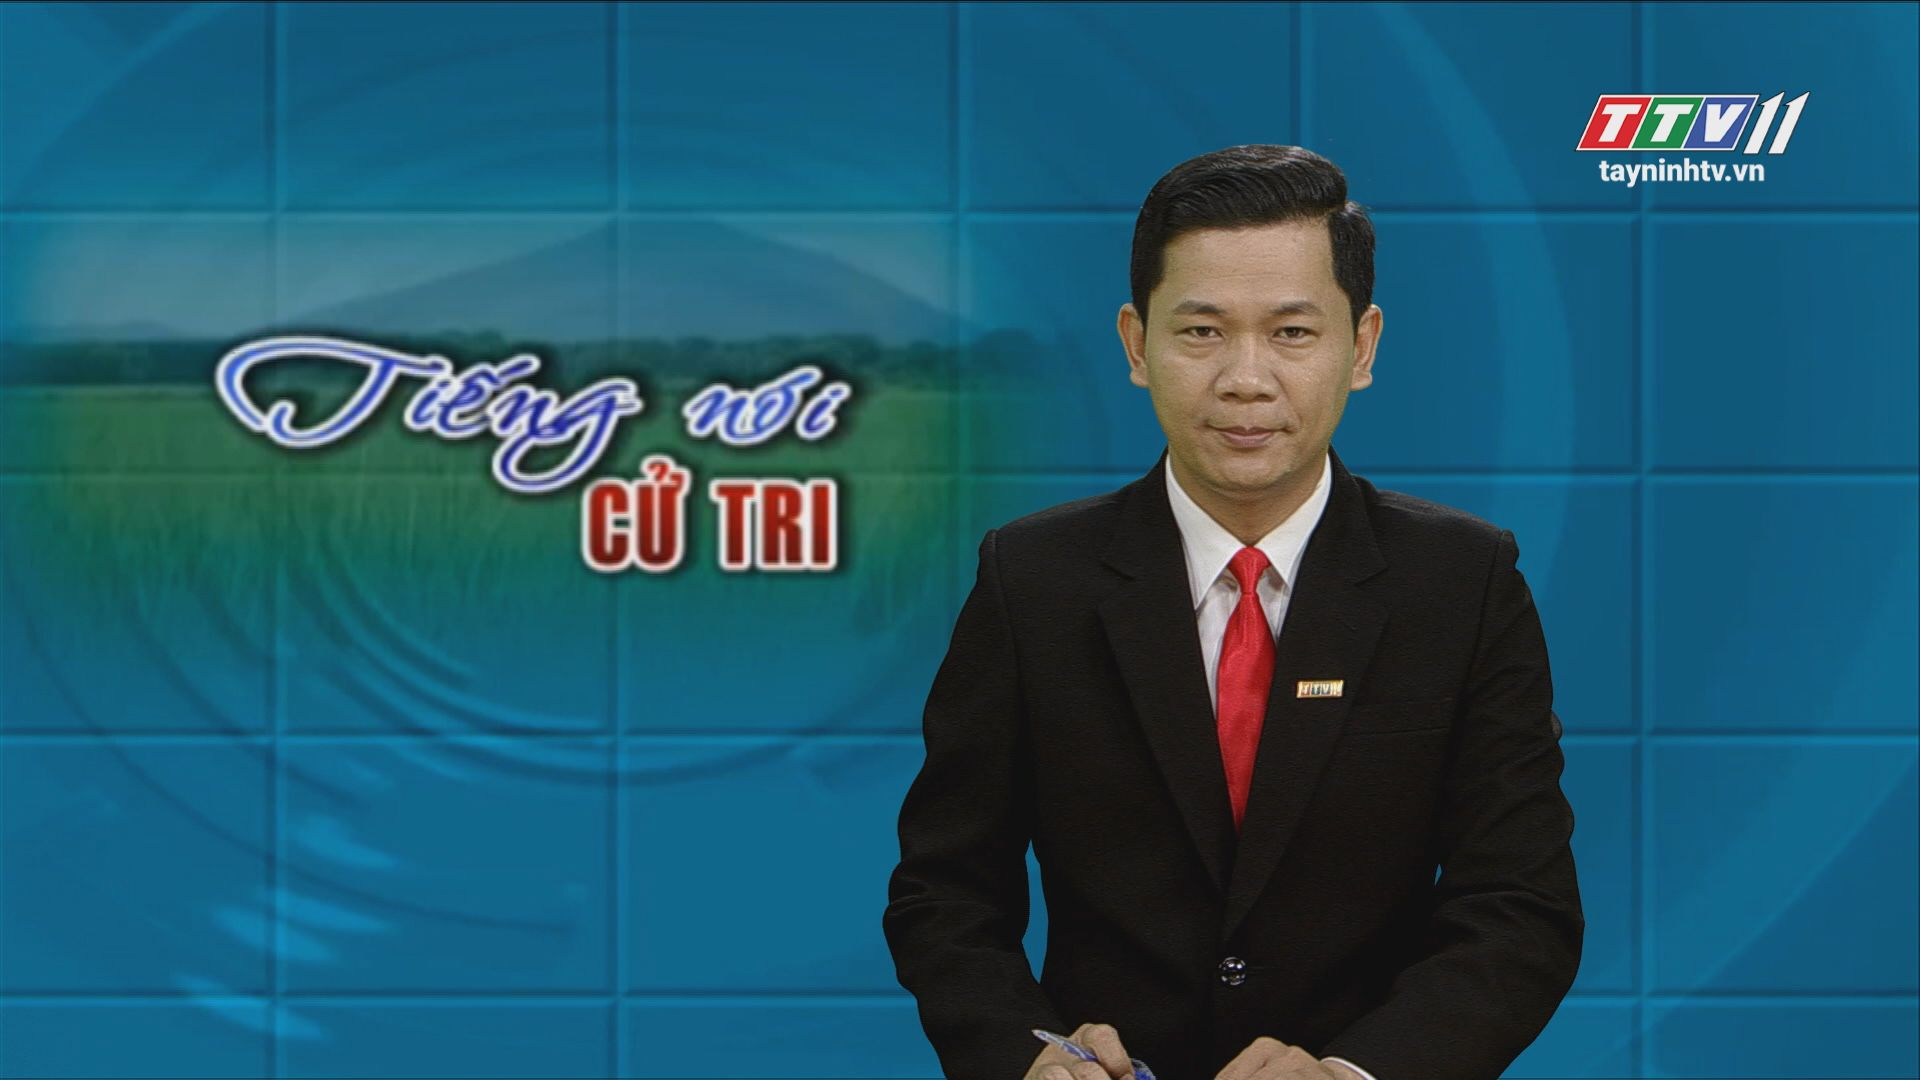 Ý kiến, kiến nghị của cử tri trước kỳ họp thứ 14 HĐND tỉnh Tây Ninh | Tiếng nói cử tri | Tây Ninh TV